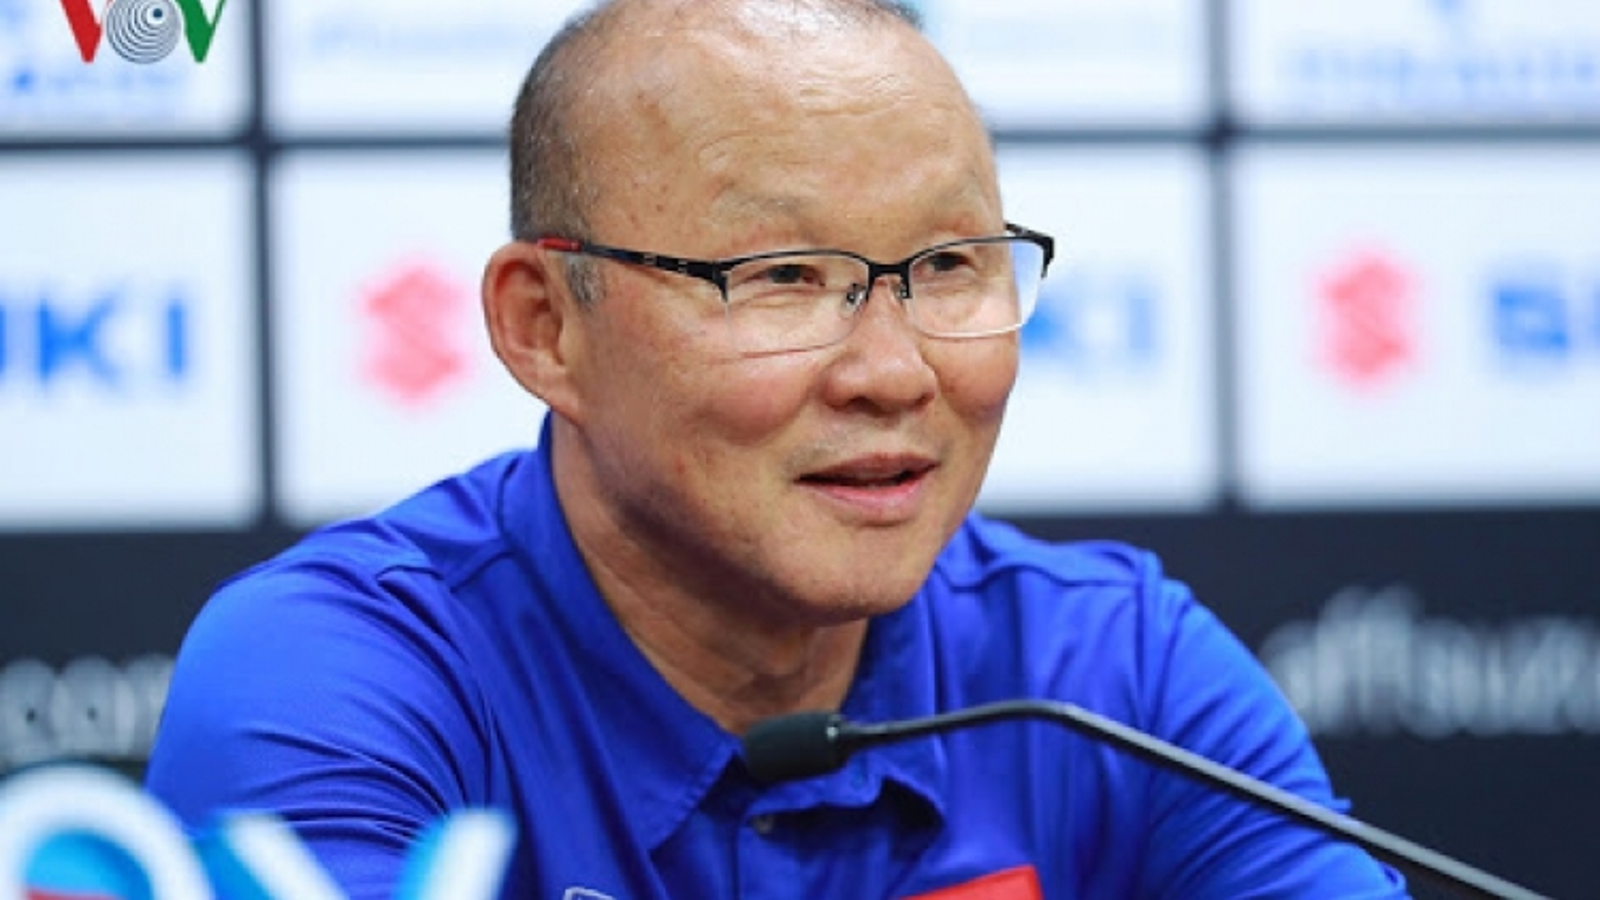 Đội bóng cũ của HLV Park Hang Seo xuống hạng khi K-League chưa bắt đầu